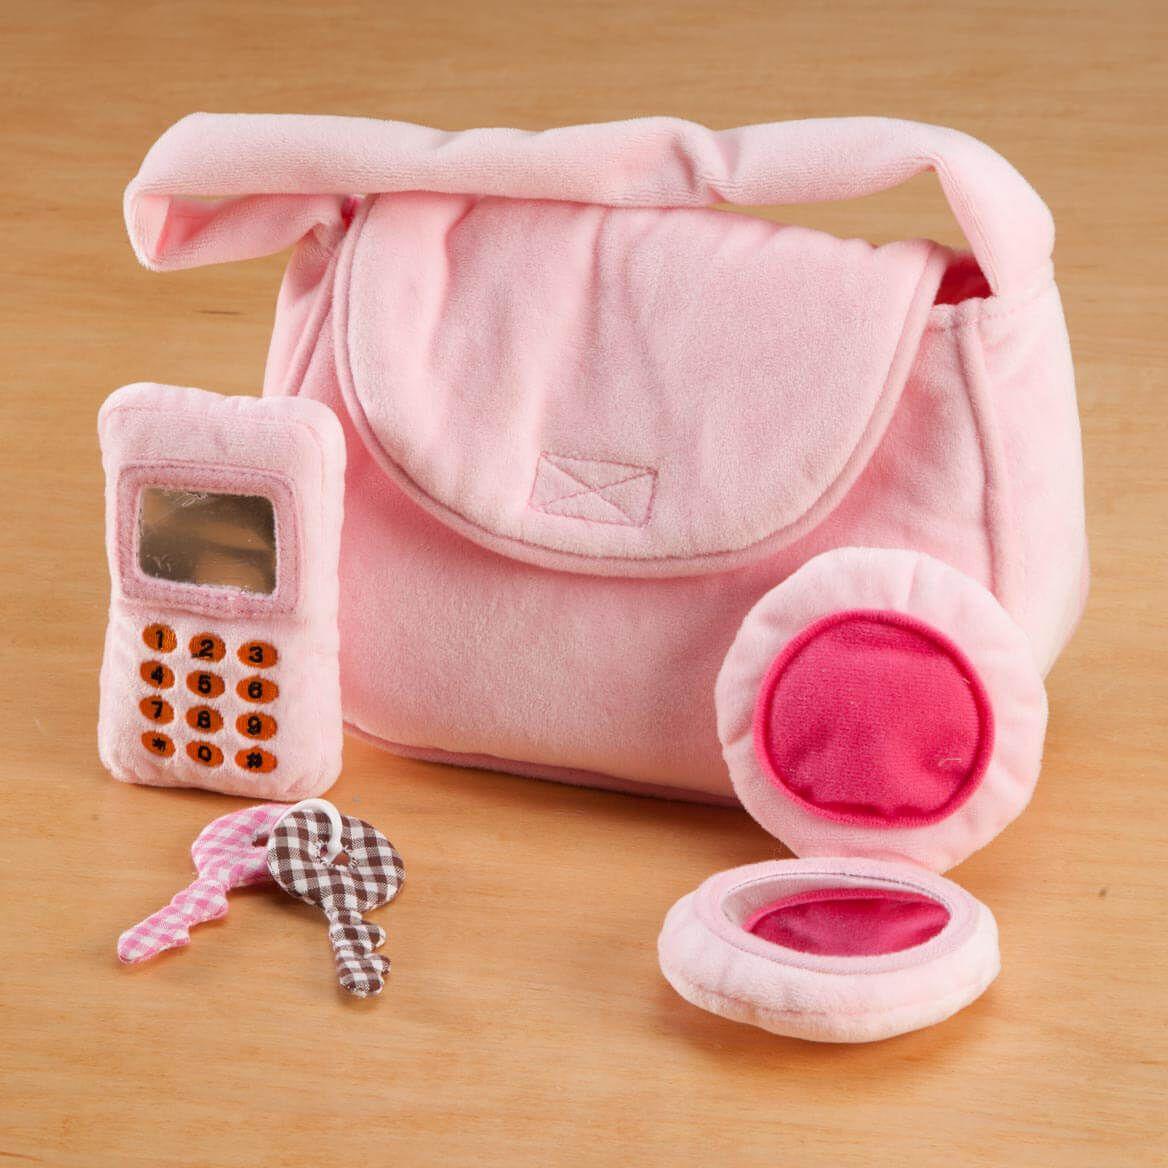 Personalized Children's Purse-356673